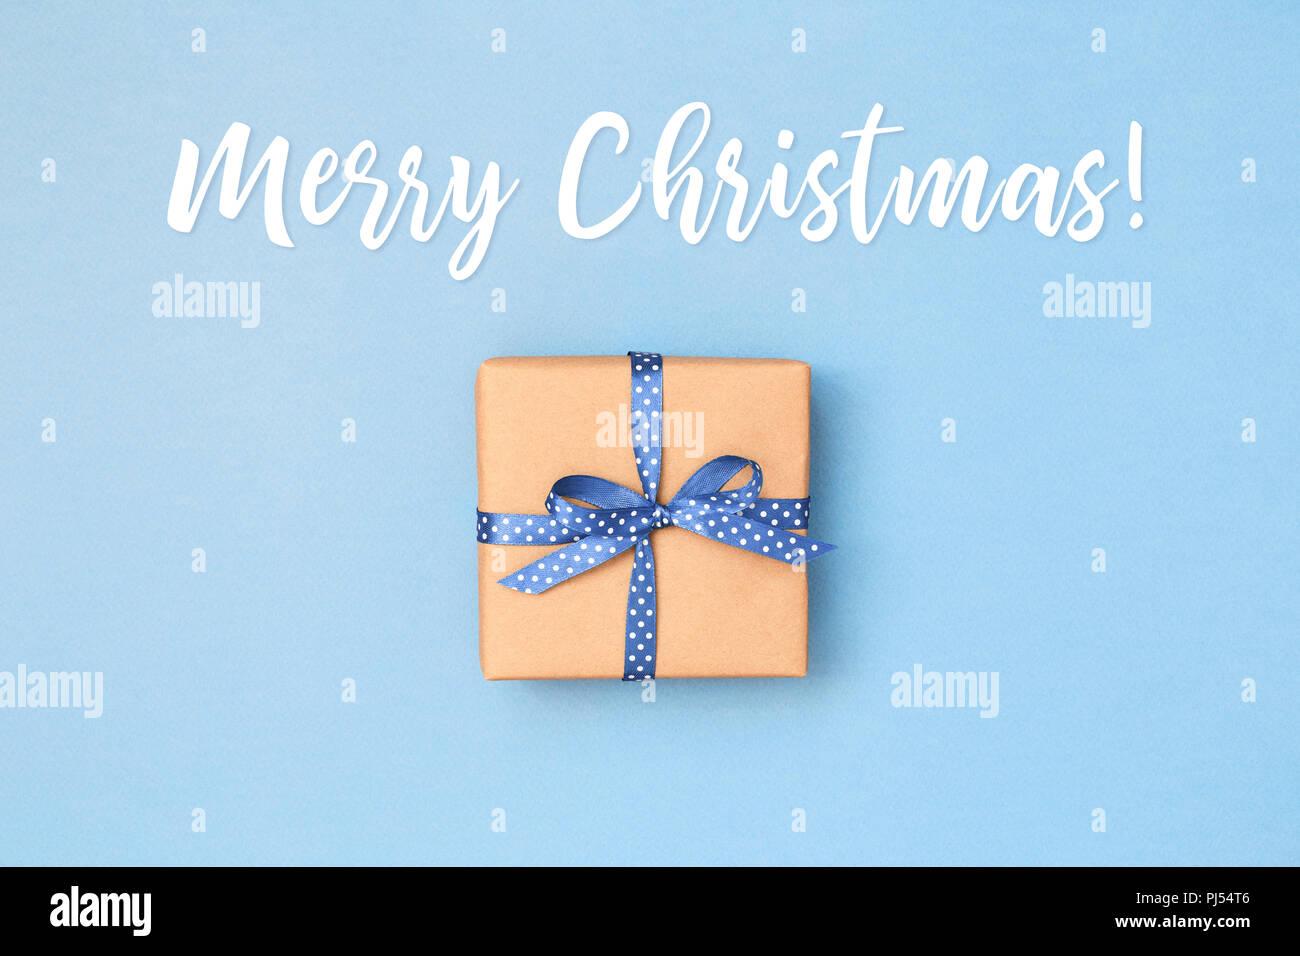 Weihnachtskarte mit Geschenk Box in Kraftpapier mit Blue Ribbon in ...